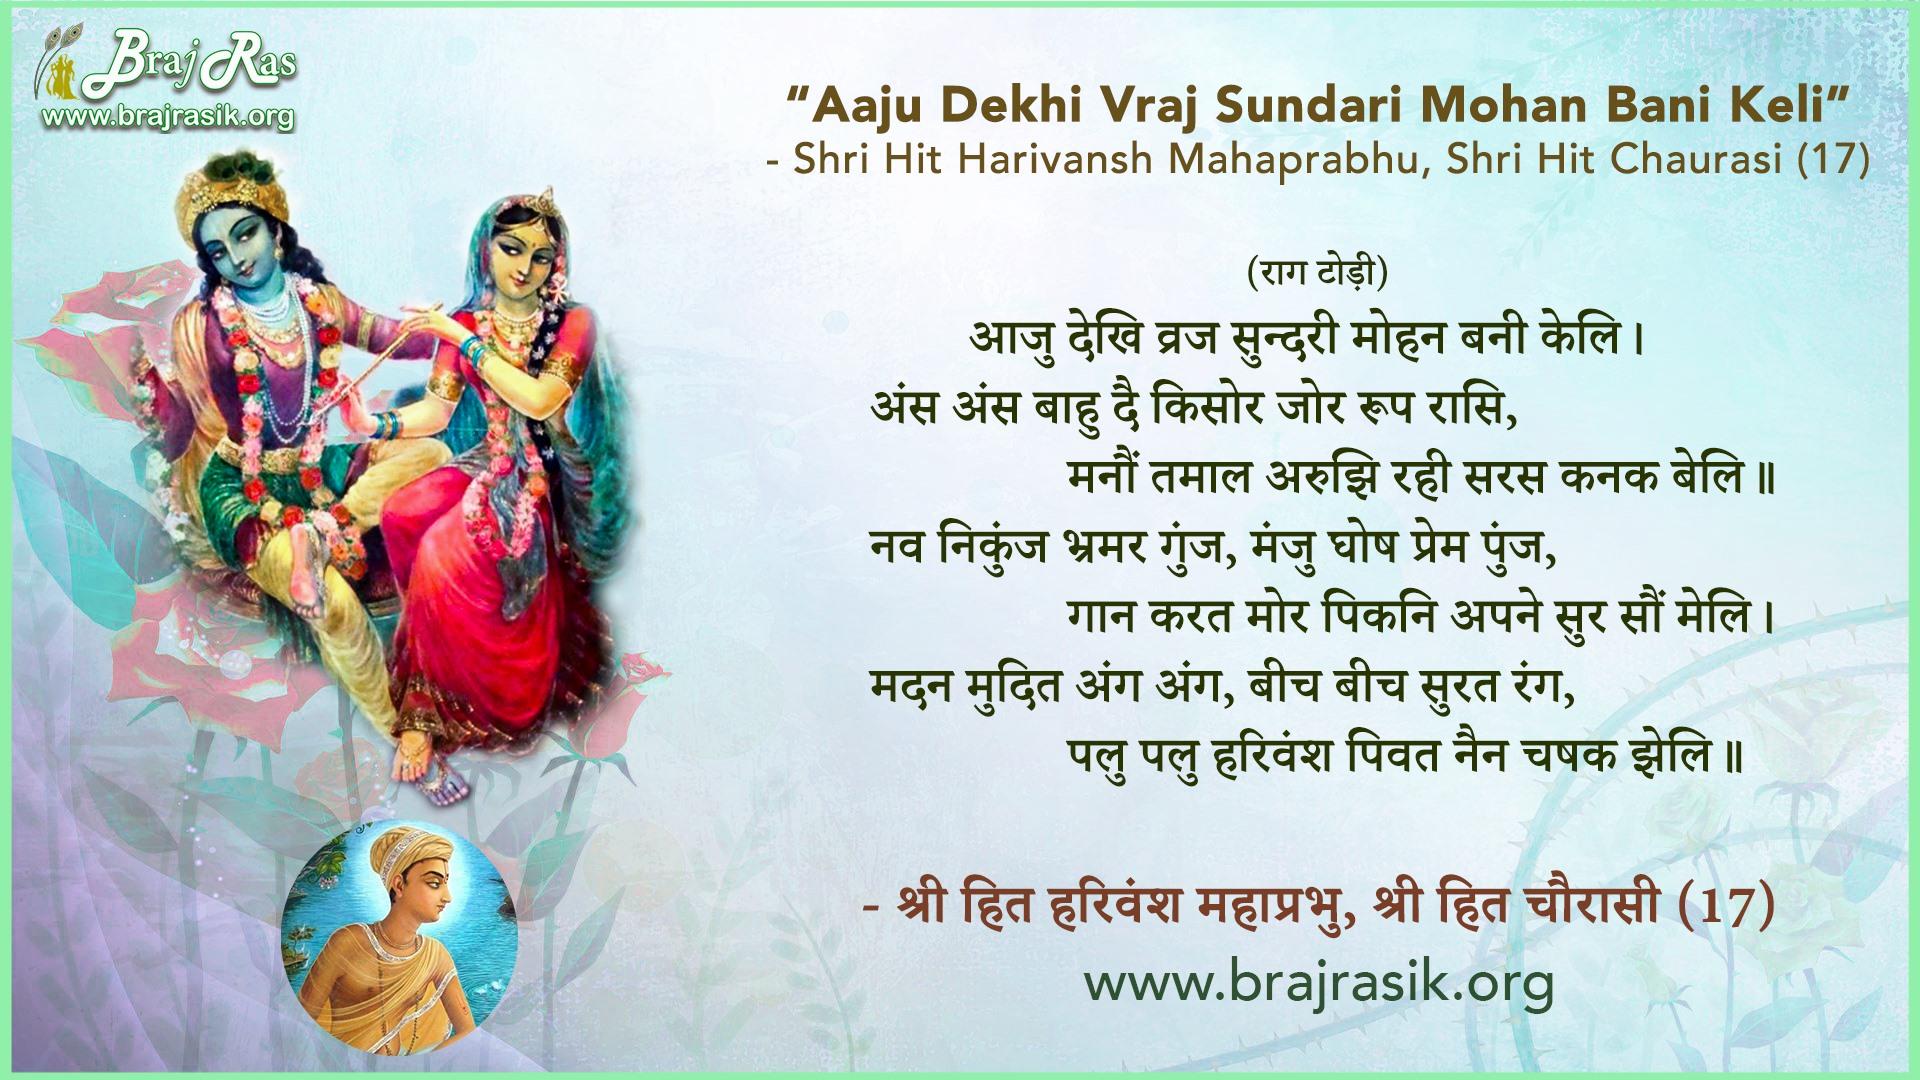 Aaju Dekhi Vraj Sundari Mohan Bani Keli - Shri Hit Harivansh Mahaprabhu, Shri Hit Chaurasi (17)